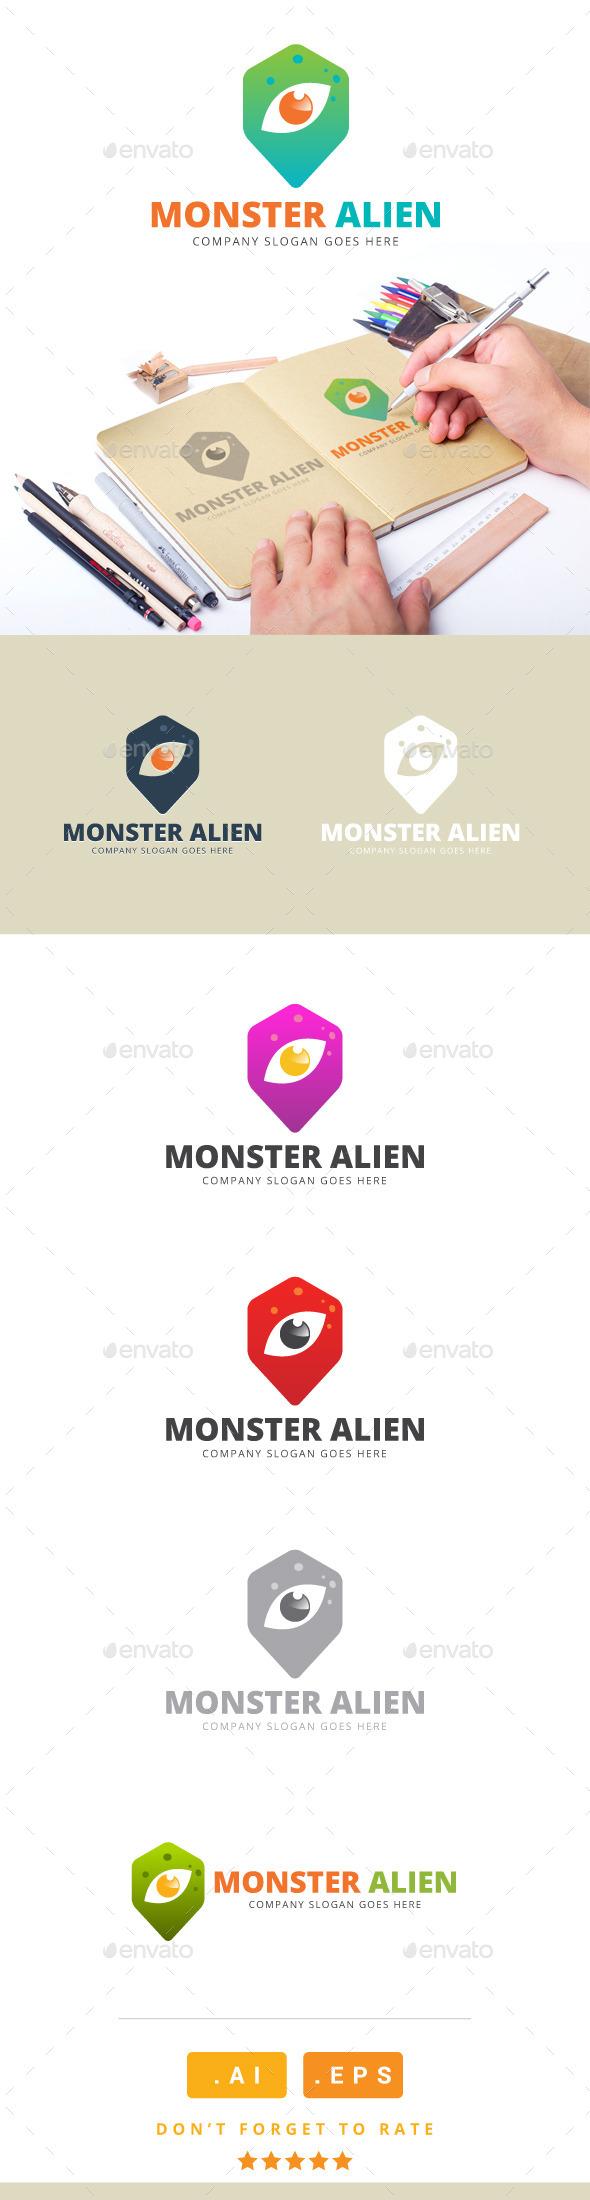 GraphicRiver Monster Alien Logo 11167027